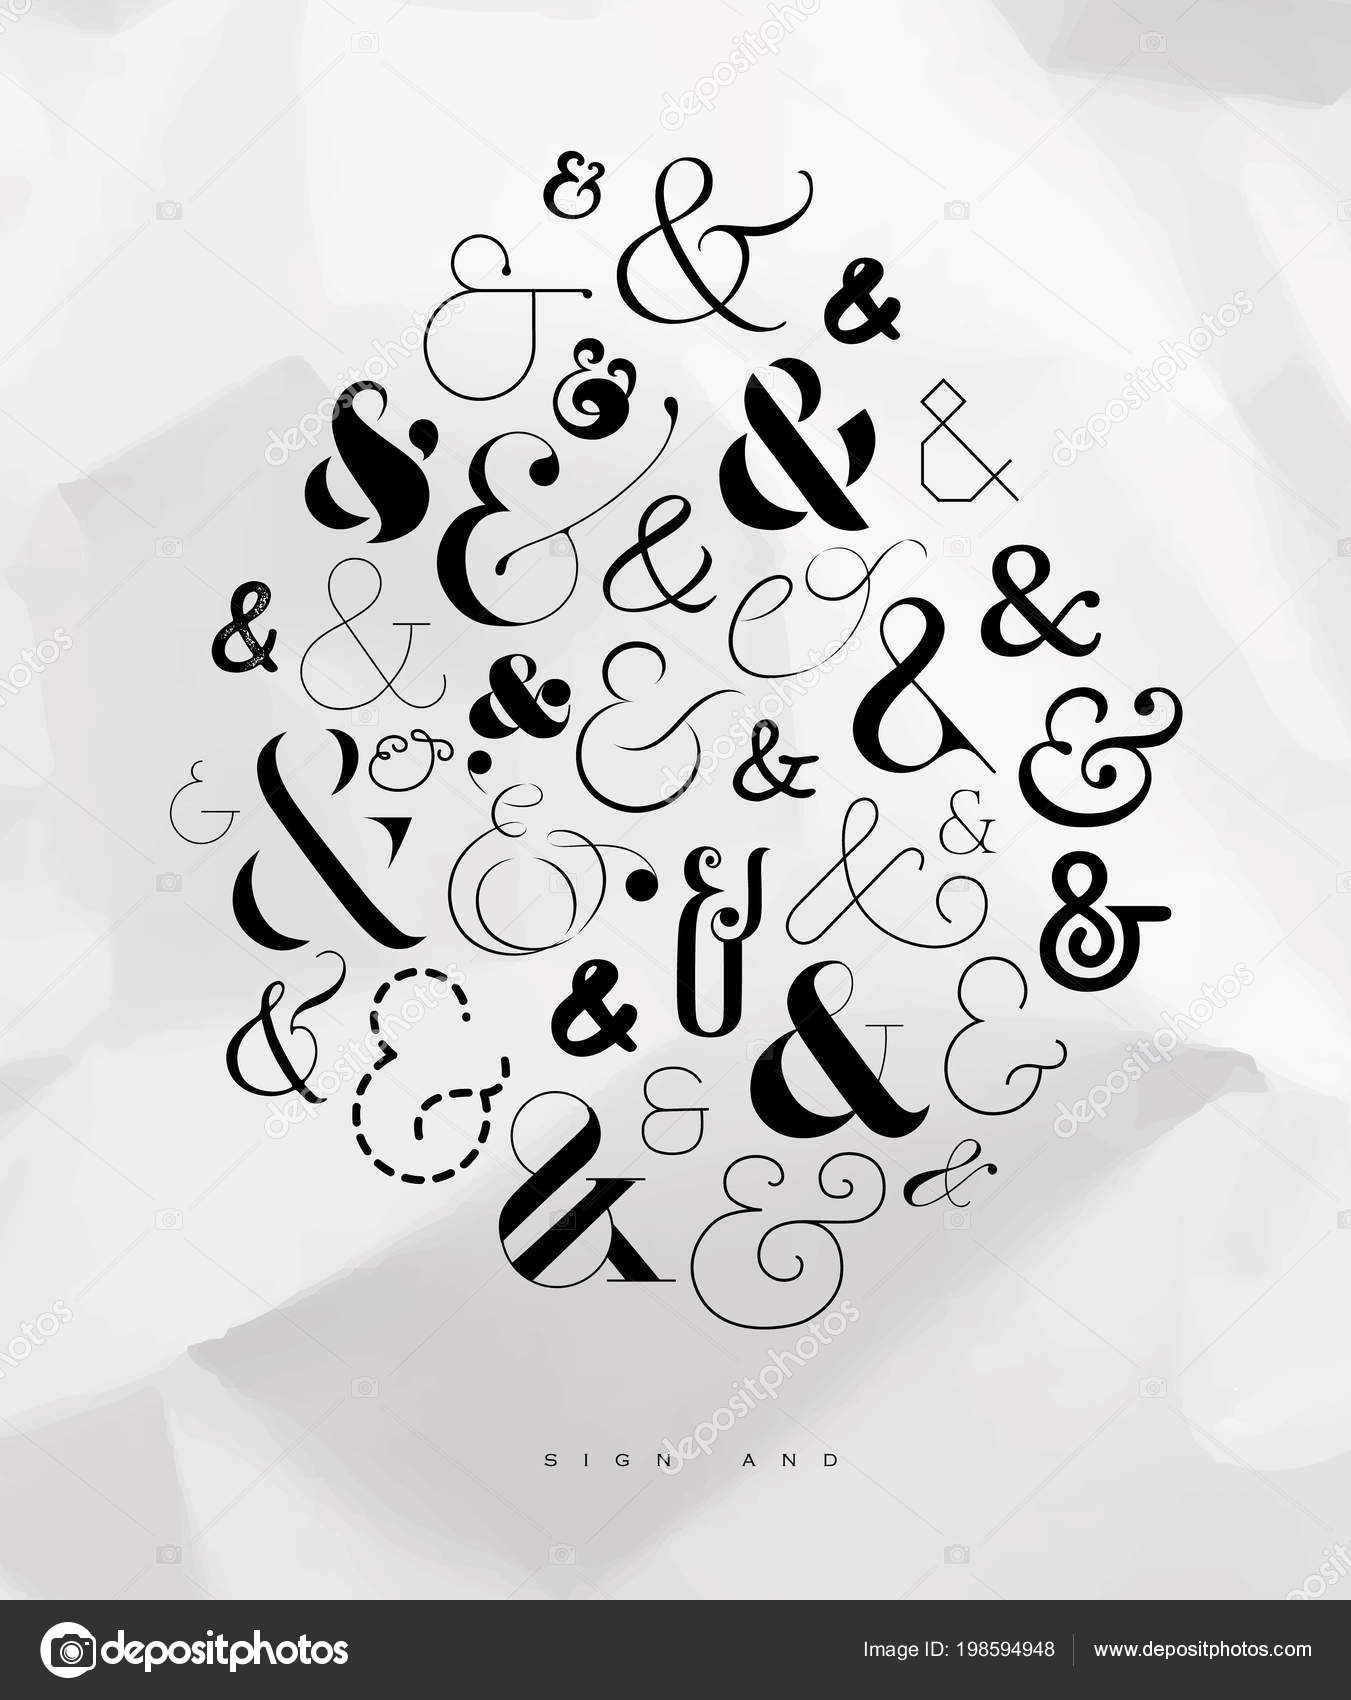 Símbolo Símbolos Decoración Dibujado Cartel Mano Dibujo